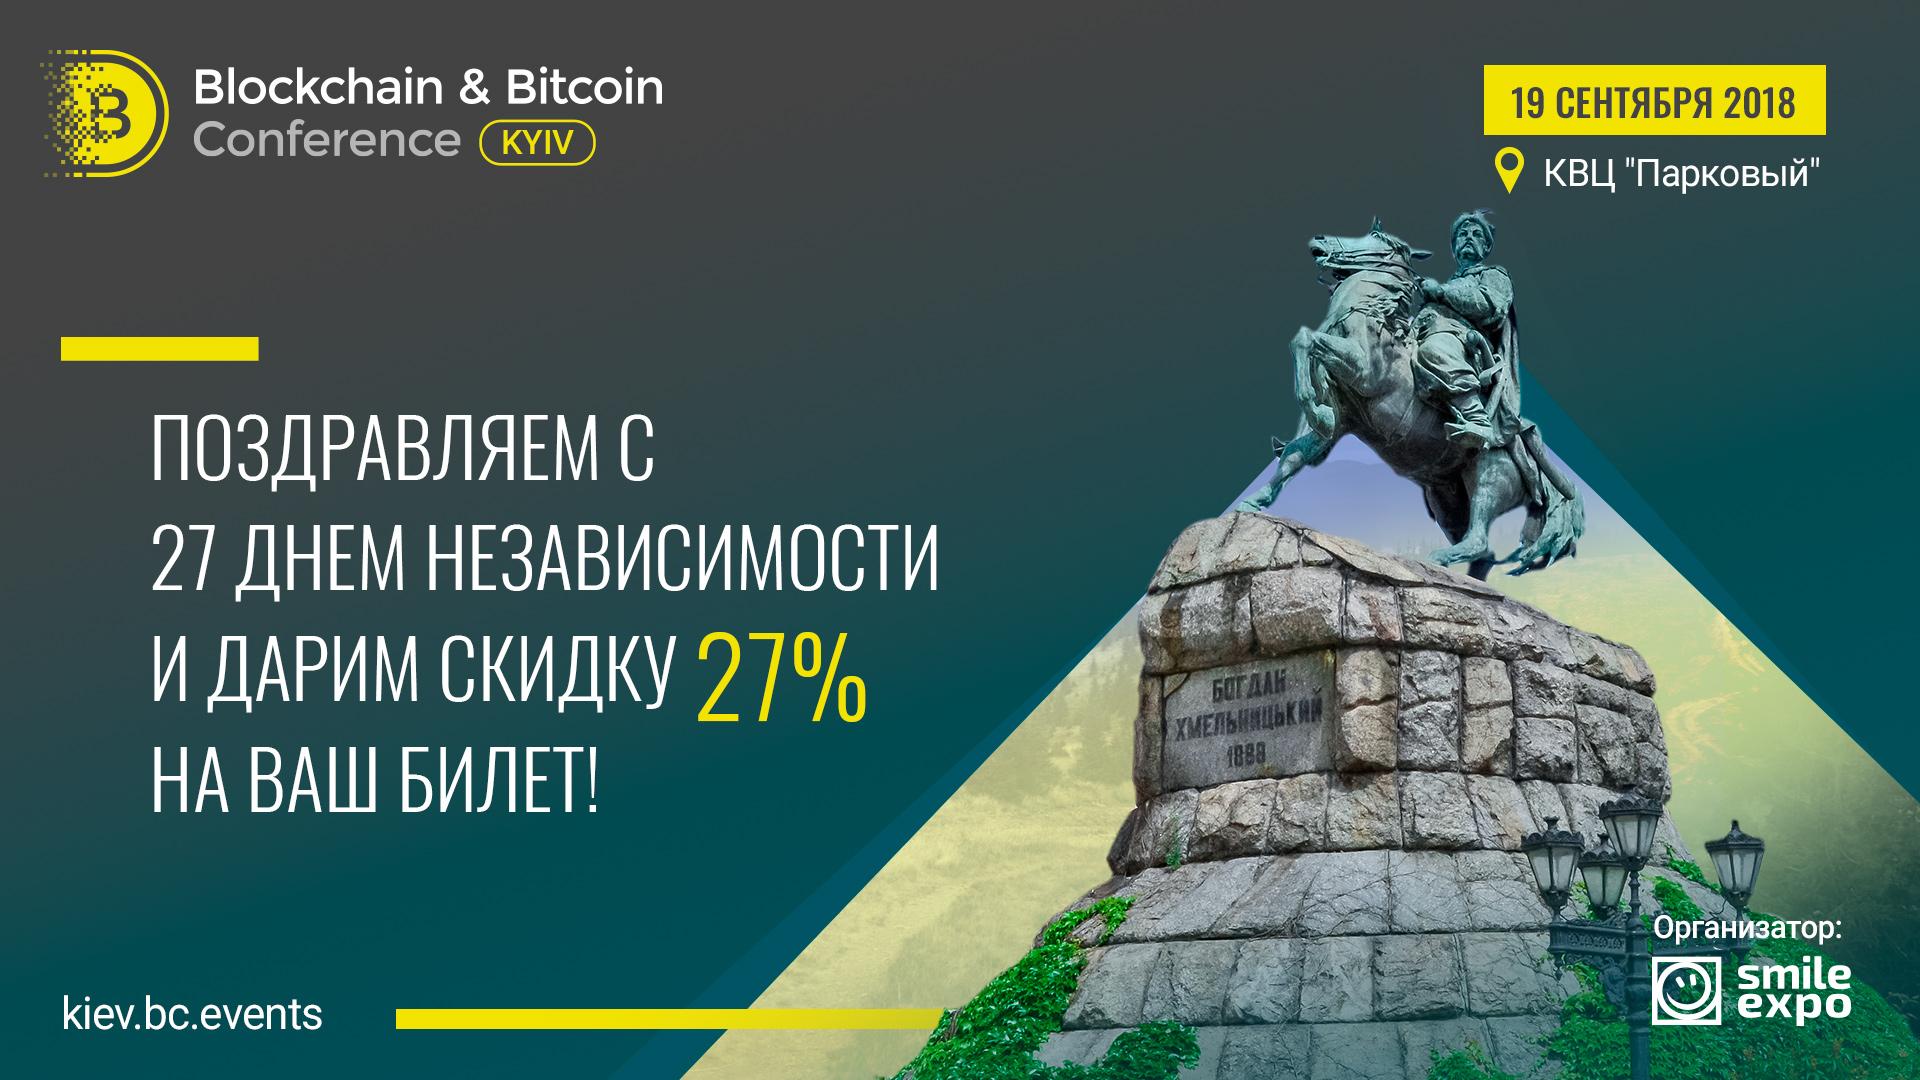 К 27-й годовщине независимости Украины Blockchain & Bitcoin Conference Kyiv дарит скидку на билеты – 27%